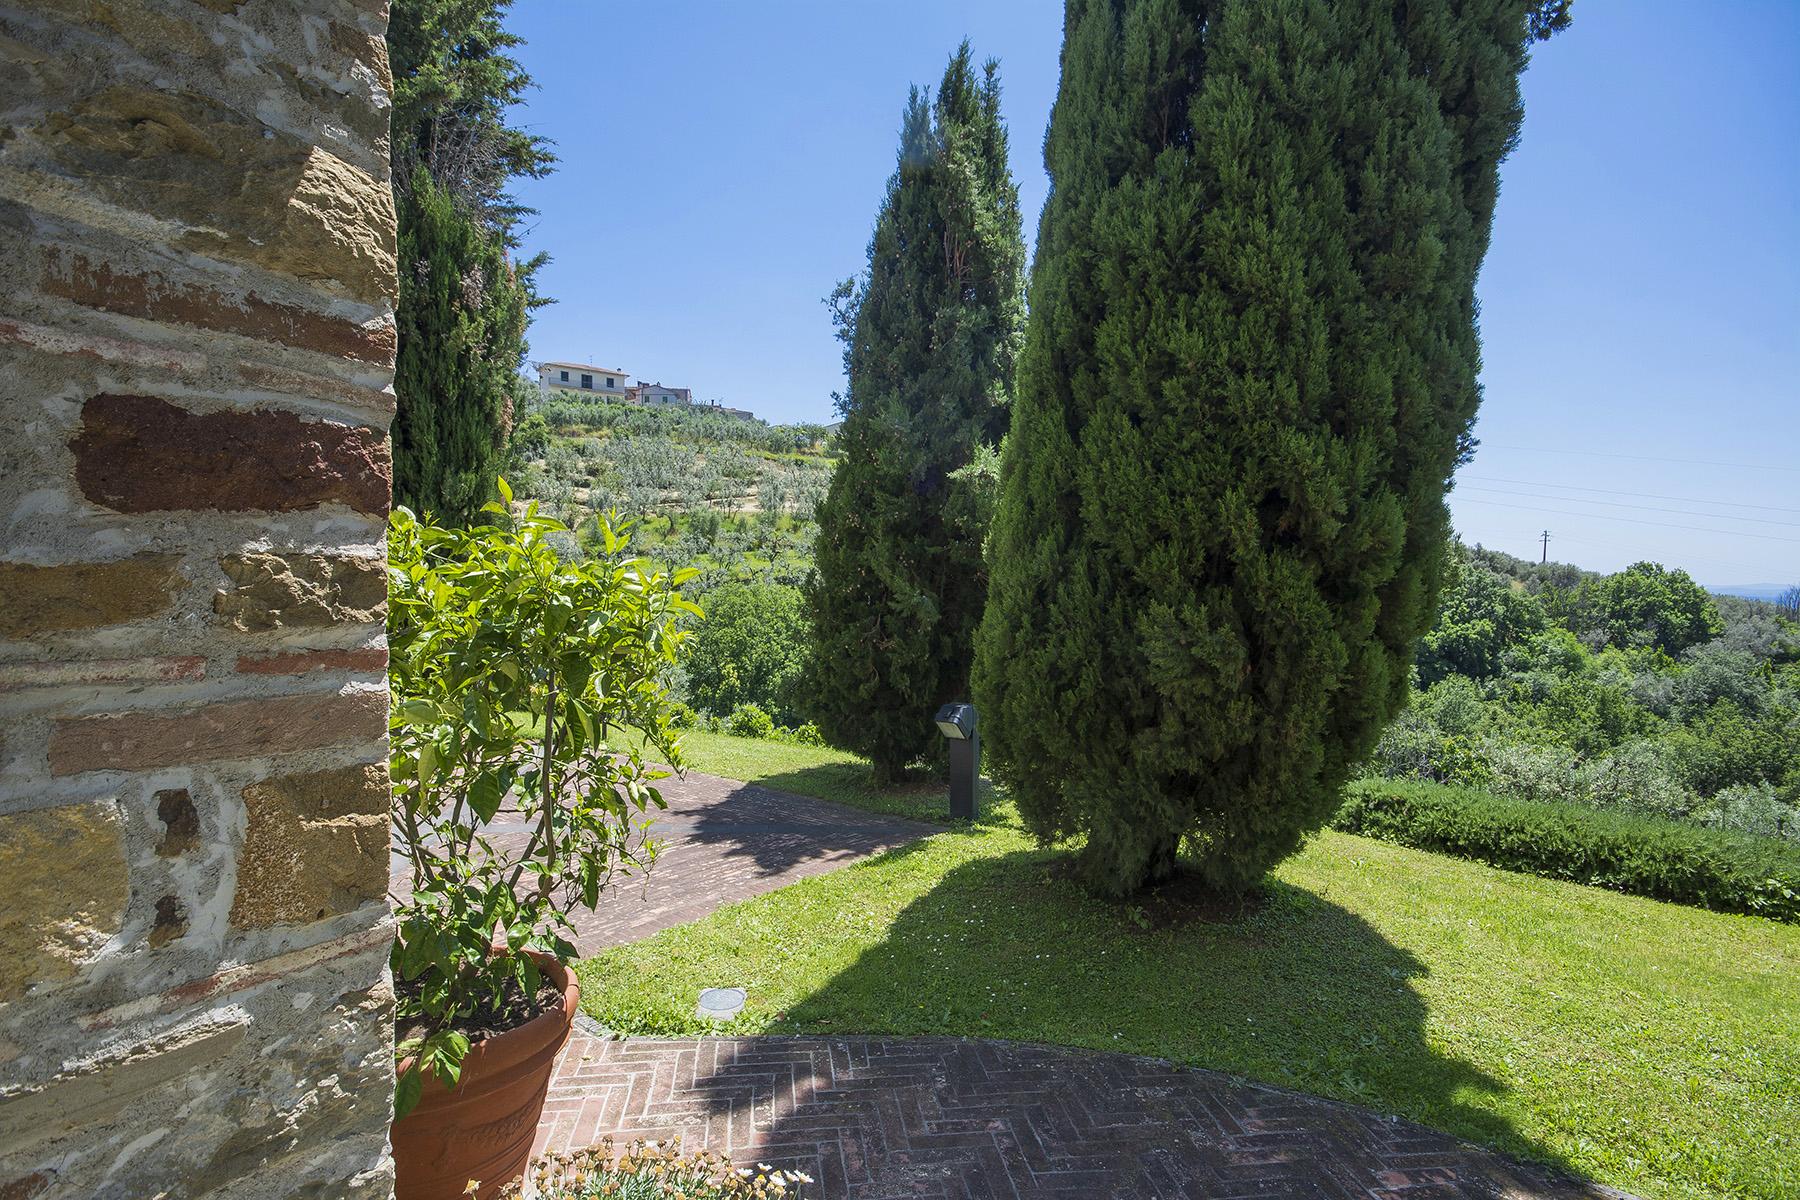 Rustico in Vendita a Vinci: 5 locali, 414 mq - Foto 24